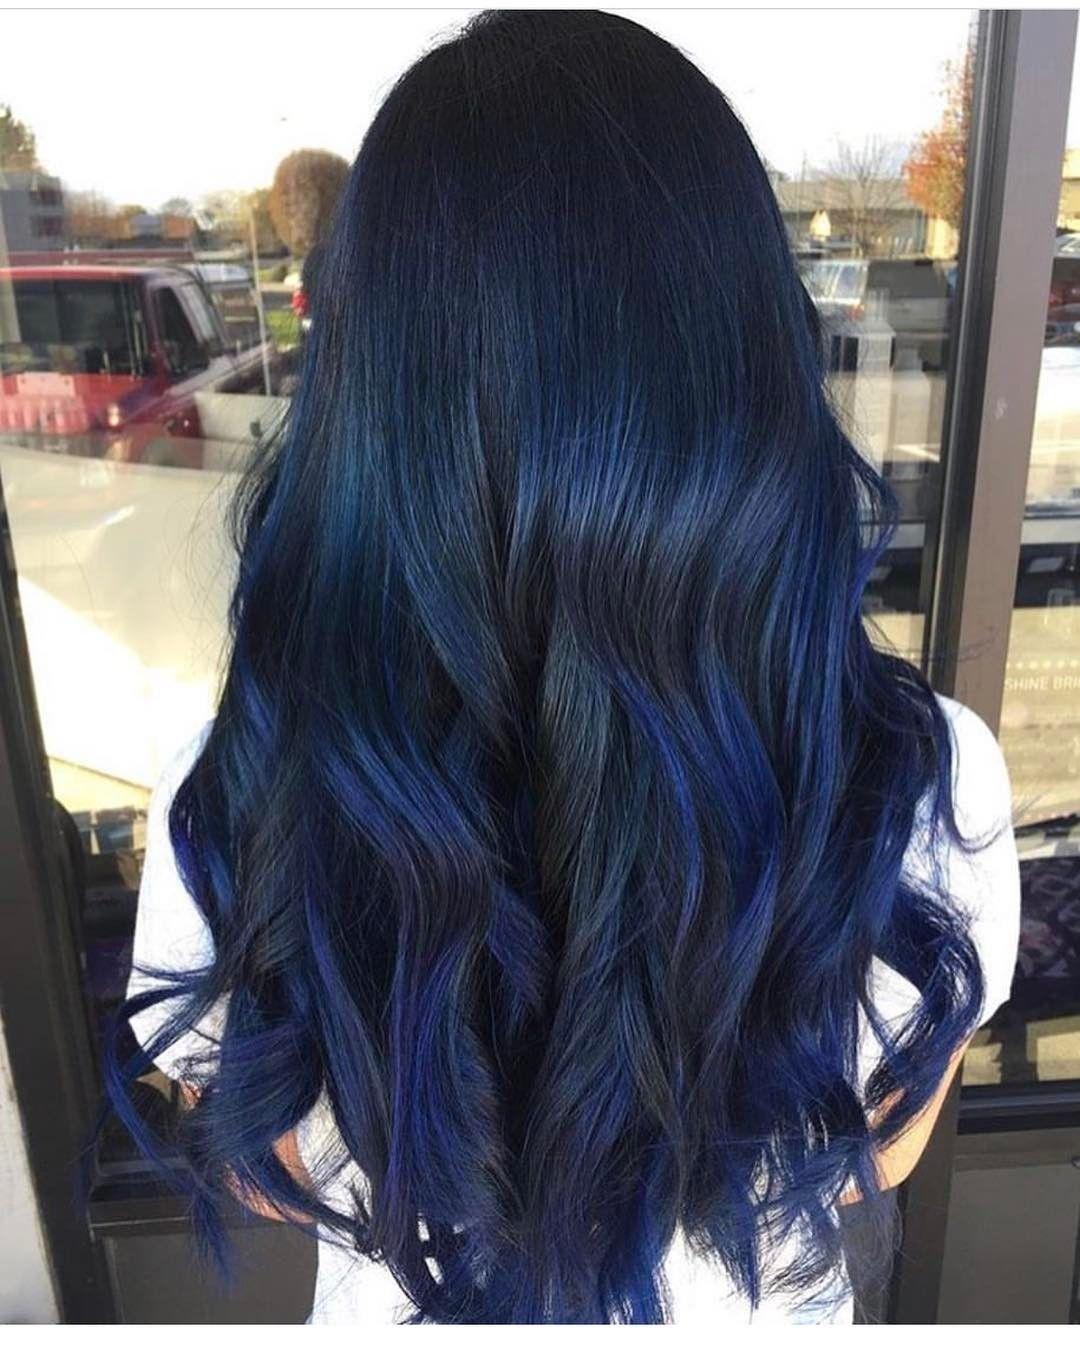 Midnight blue fckinghair by conniecouture hair